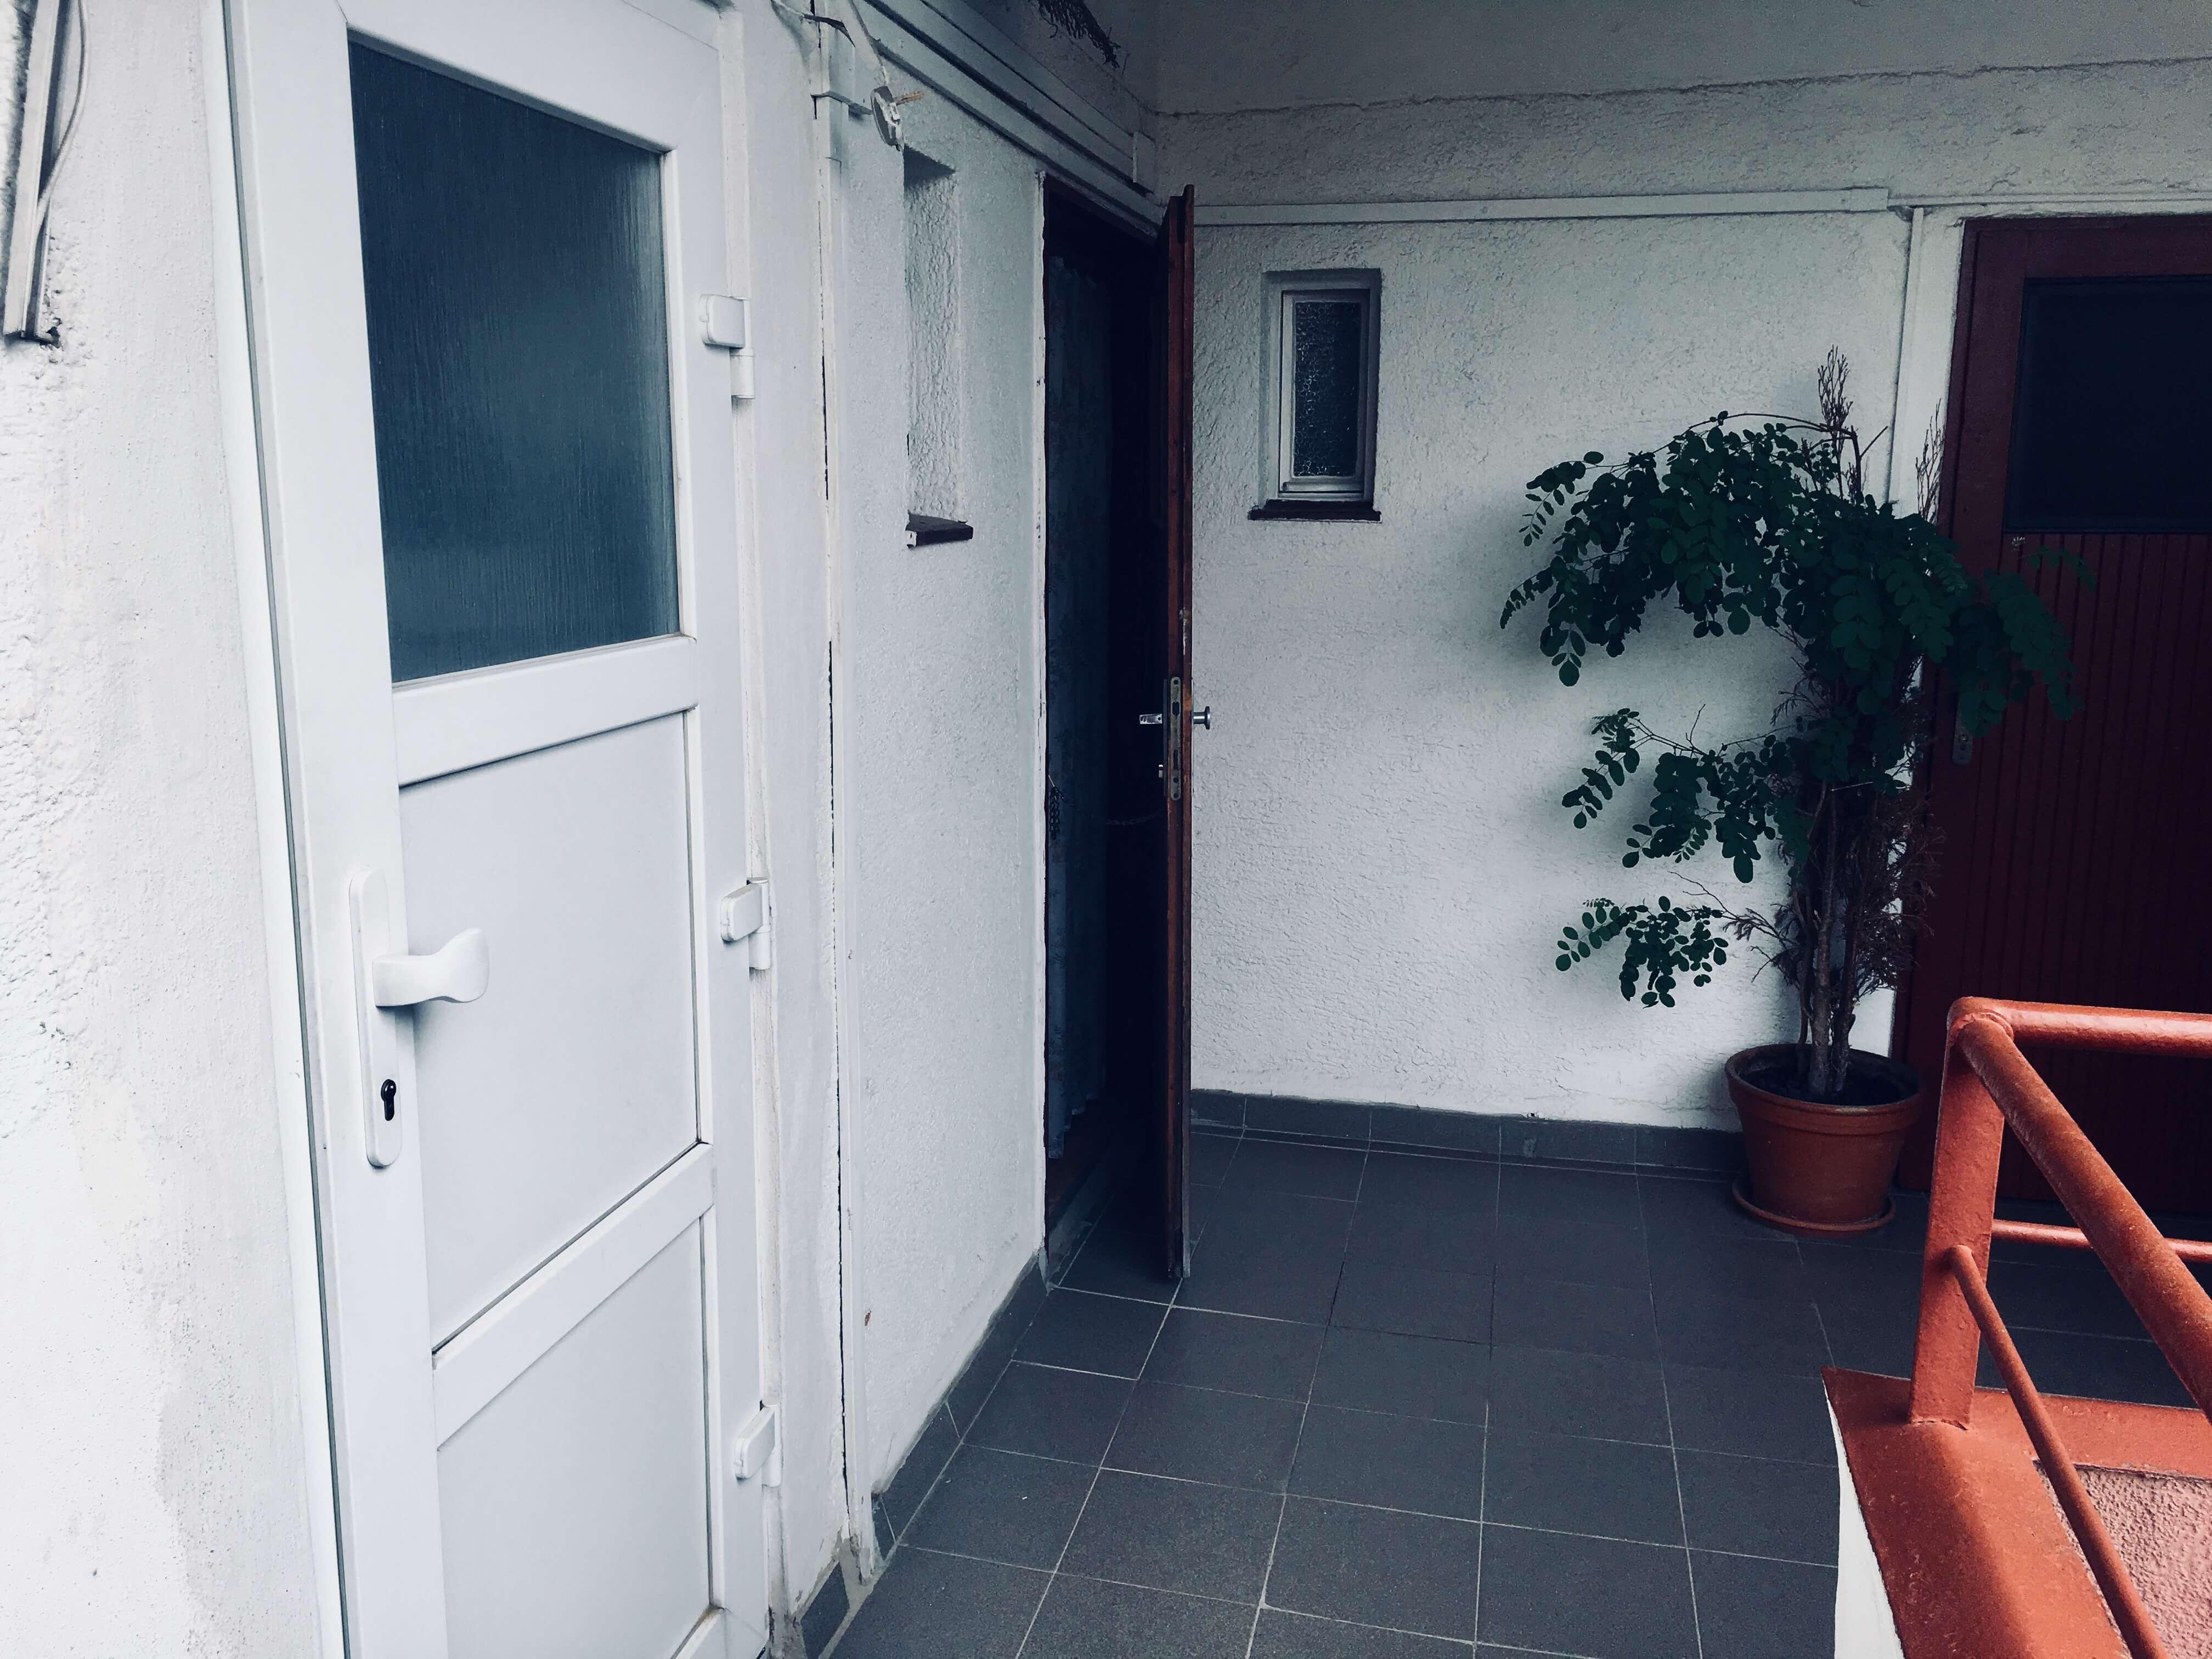 Prenajaté: Exkluzívne na prenájom 1 Izbový byt, 43 m2, pavlač 7 m2, Šancová 25, Staré mesto-6